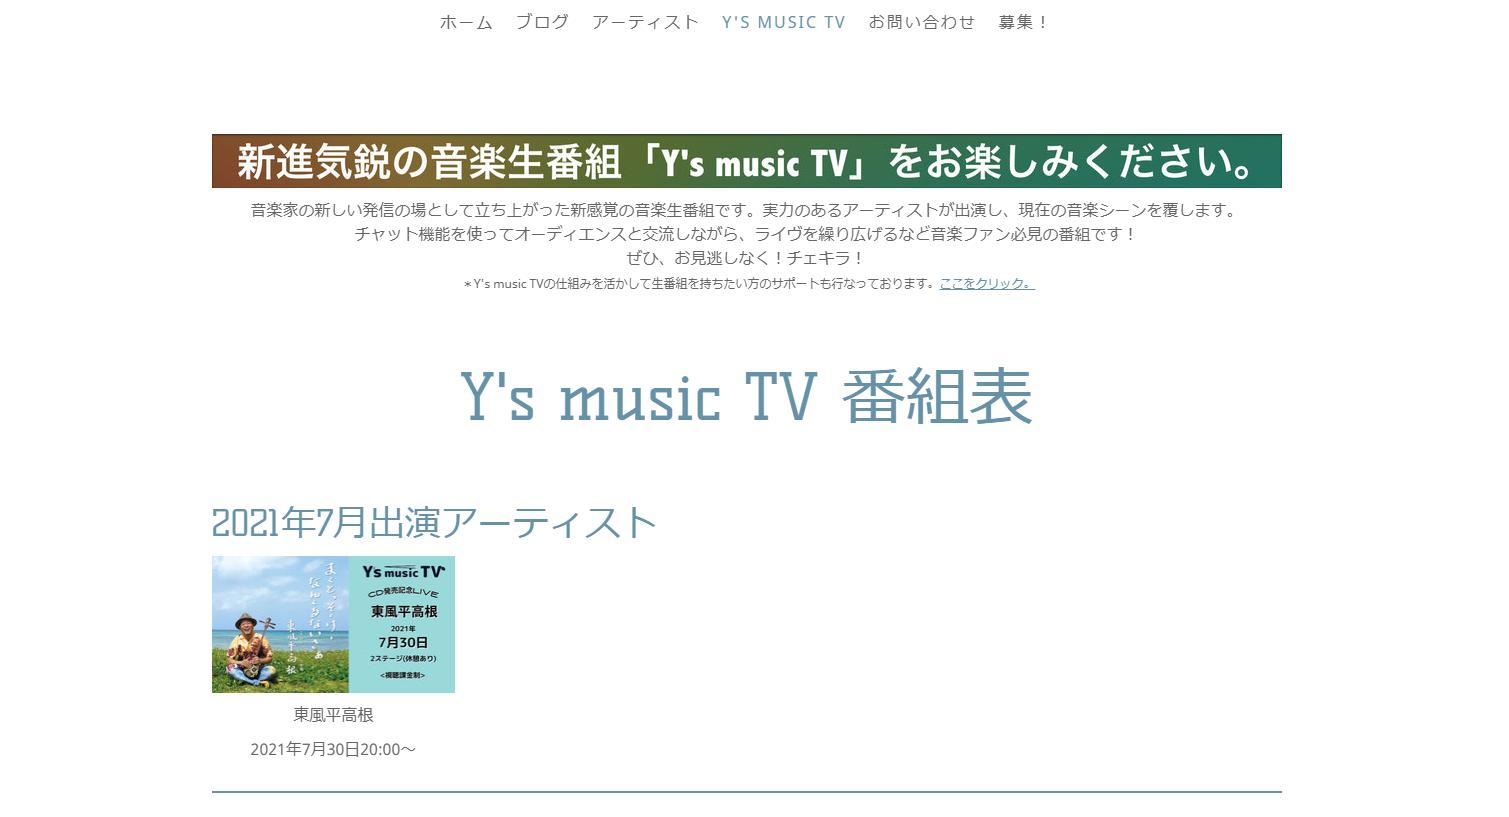 2021年7月のY's music TVの予定